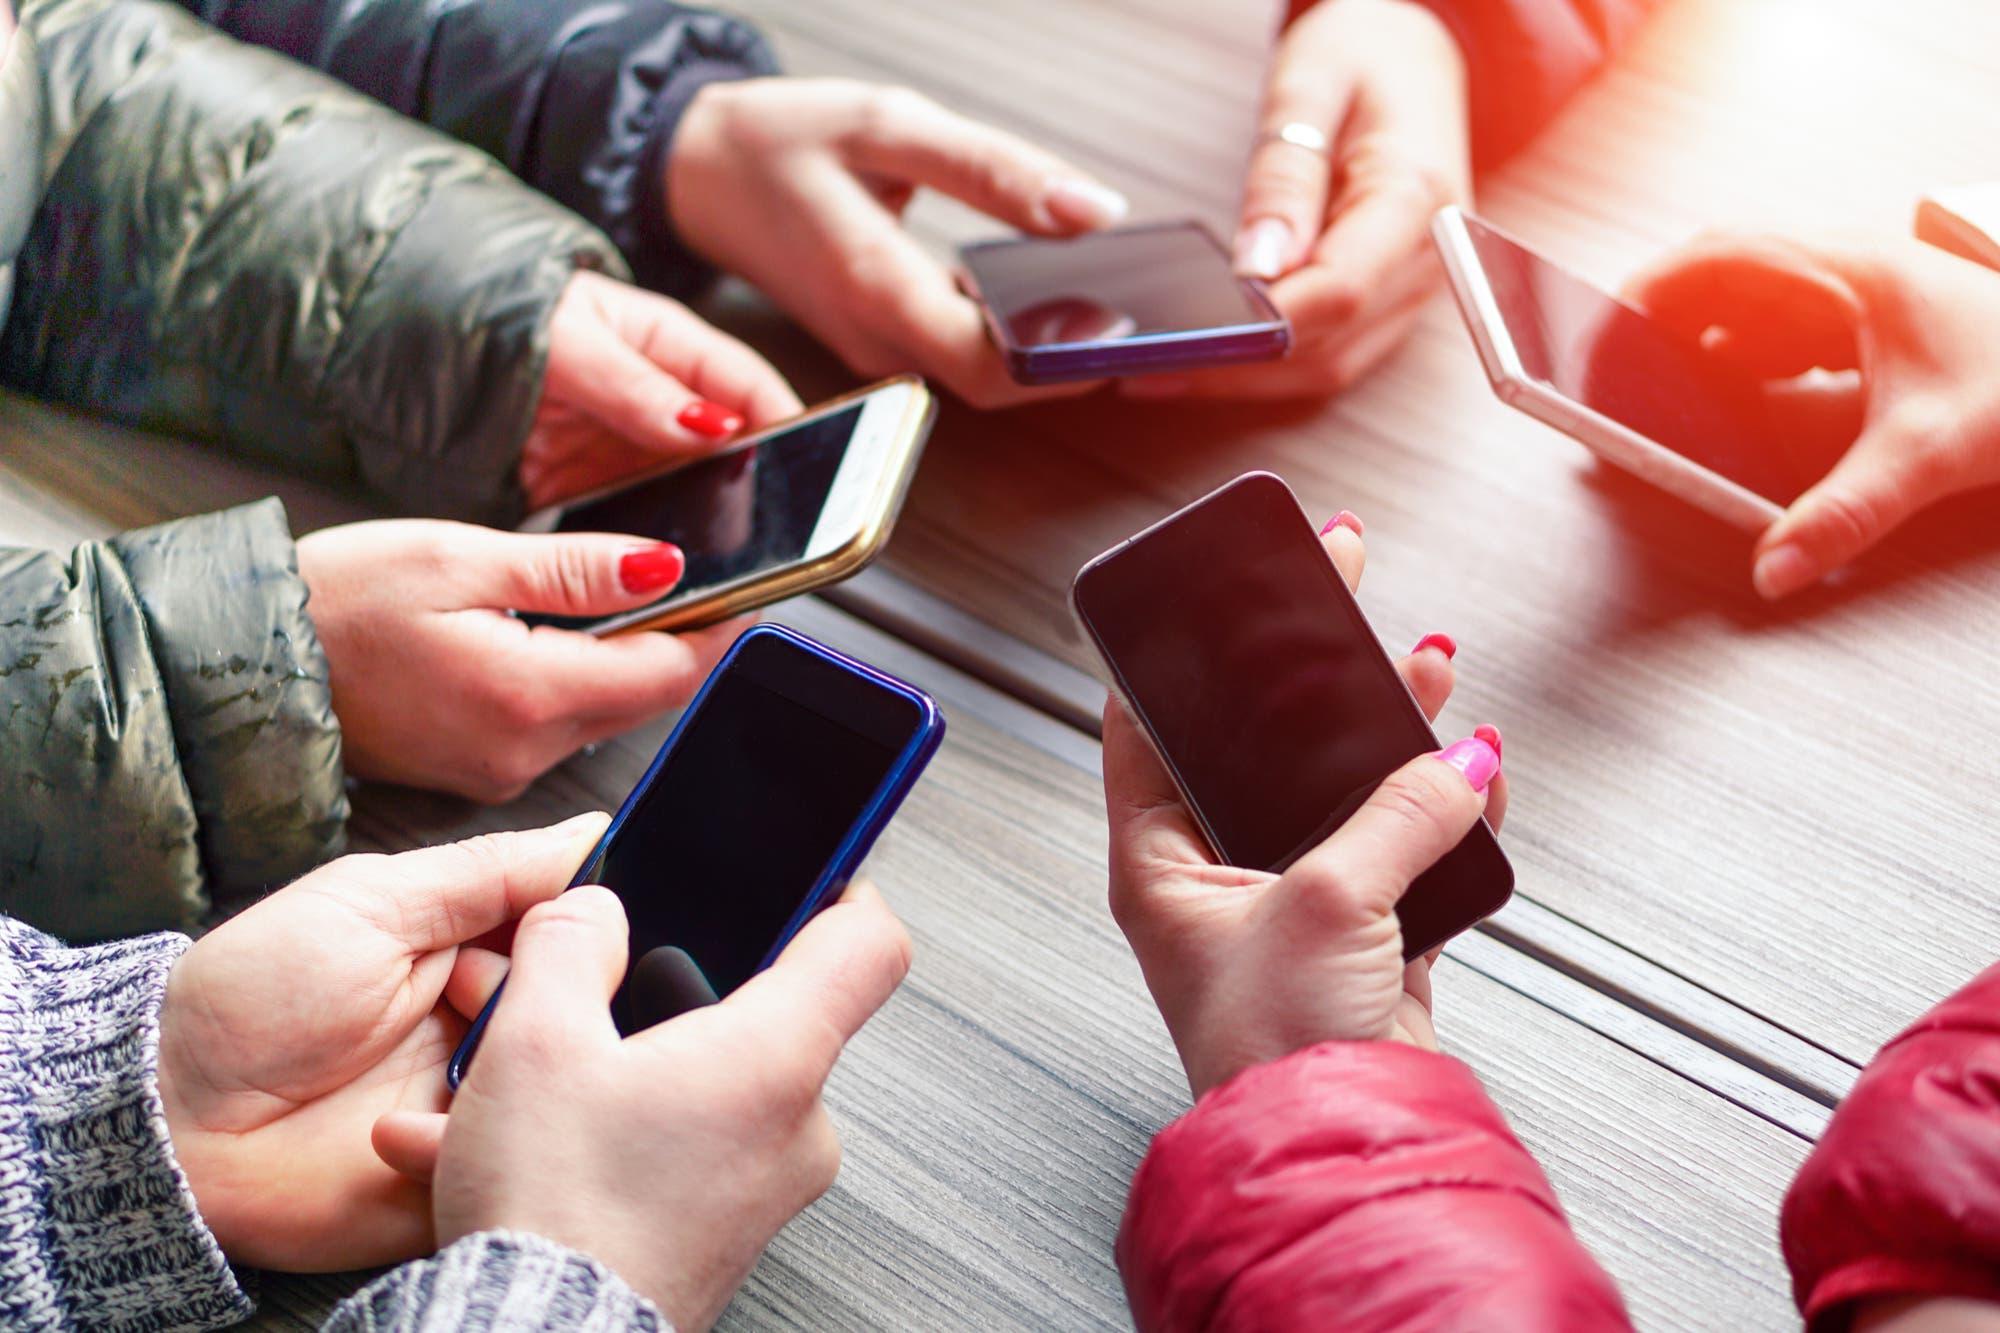 Según el Indec, los servicios de telefonía móvil e Internet aumentaron 10 puntos por encima de la inflación en 2019